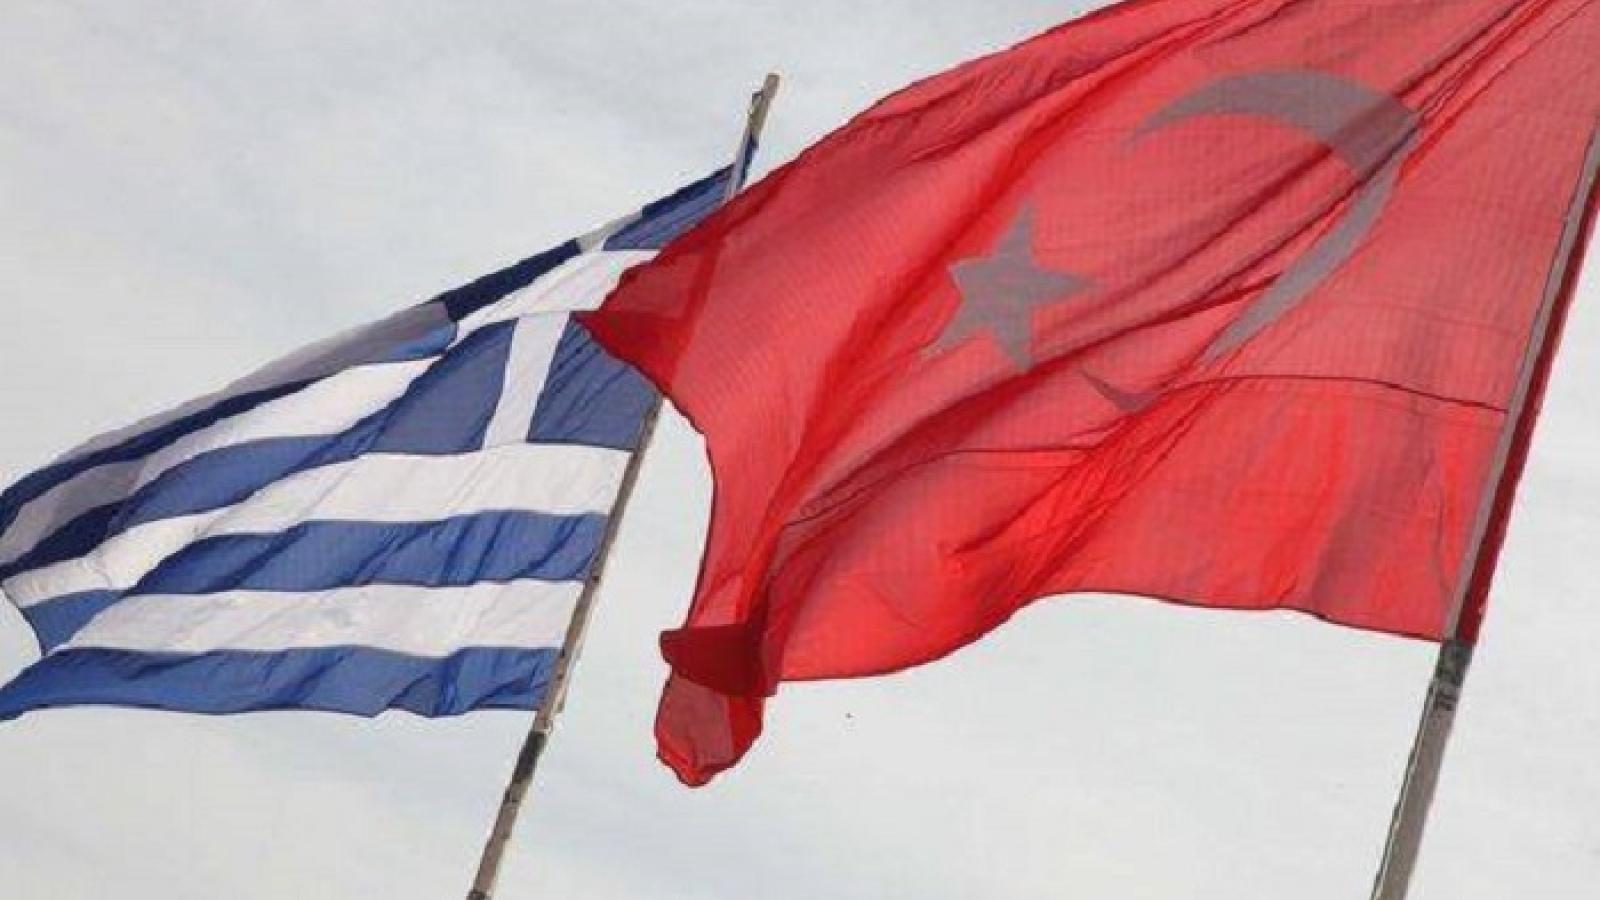 Hy Lạpvà Thổ Nhĩ Kỳ nối lại đàm phán về phân định lãnh hải